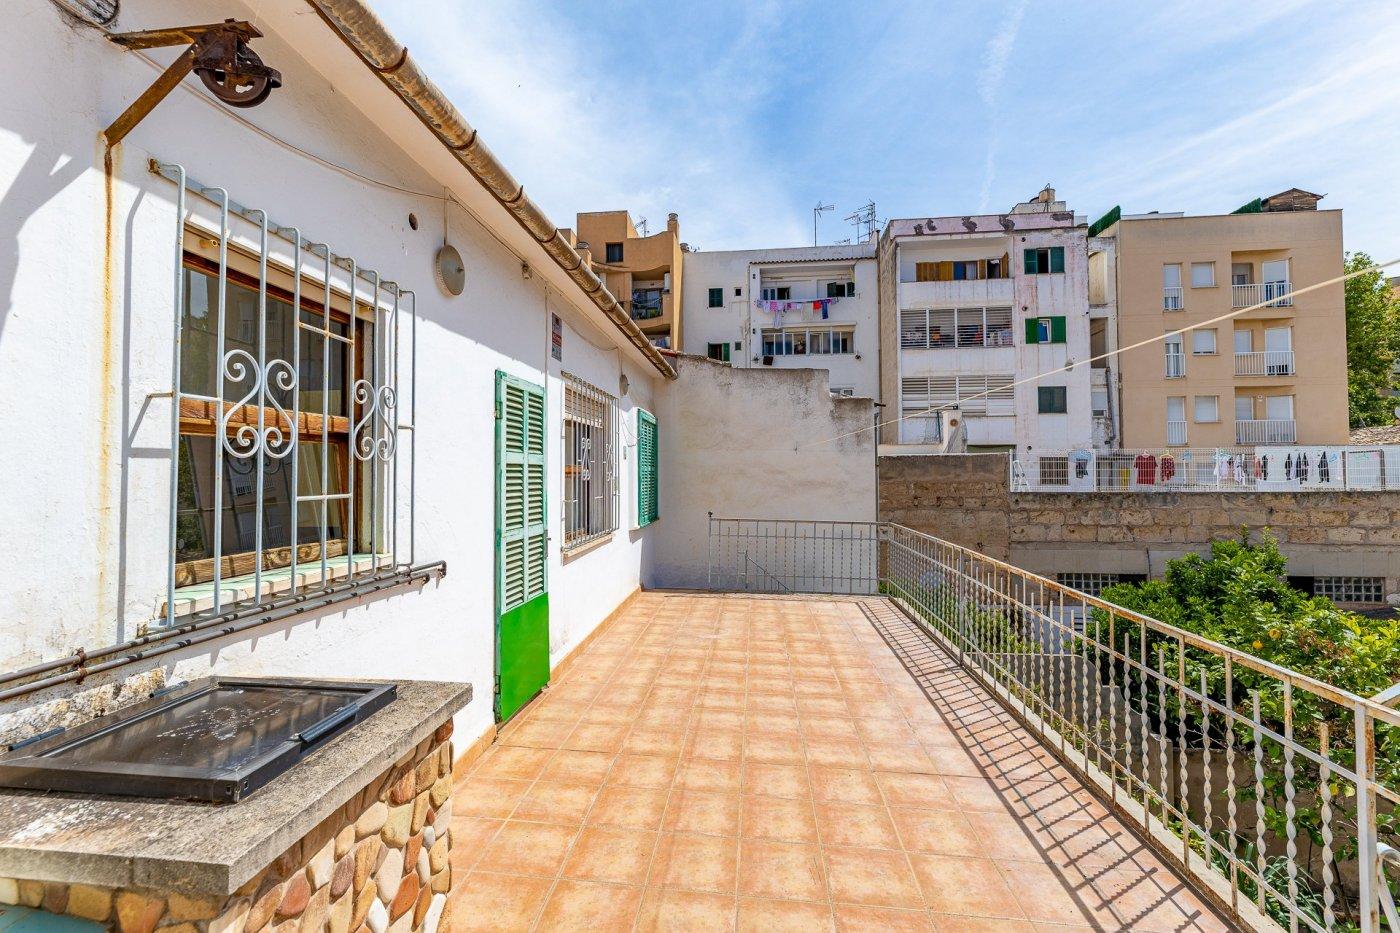 Casa con jardin en els hostalets, palma - imagenInmueble3